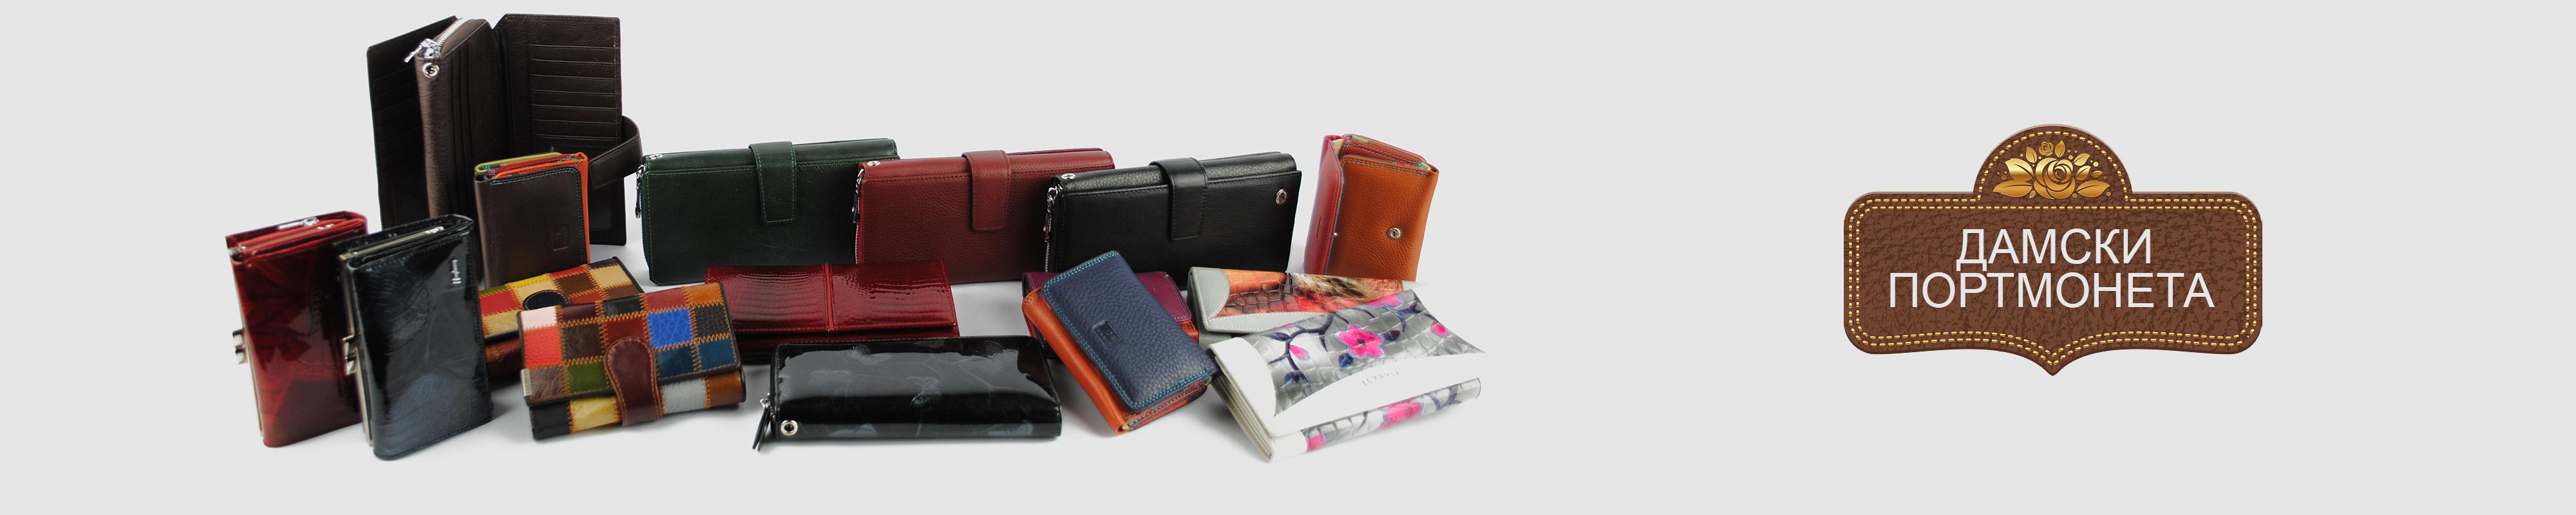 633c501f931 Онлайн магазин Epik Fashion предлага голямо разнообразие от дамски  портмонета от естествена кожа с високо качество. Категорията от дамски  портмонета от ...